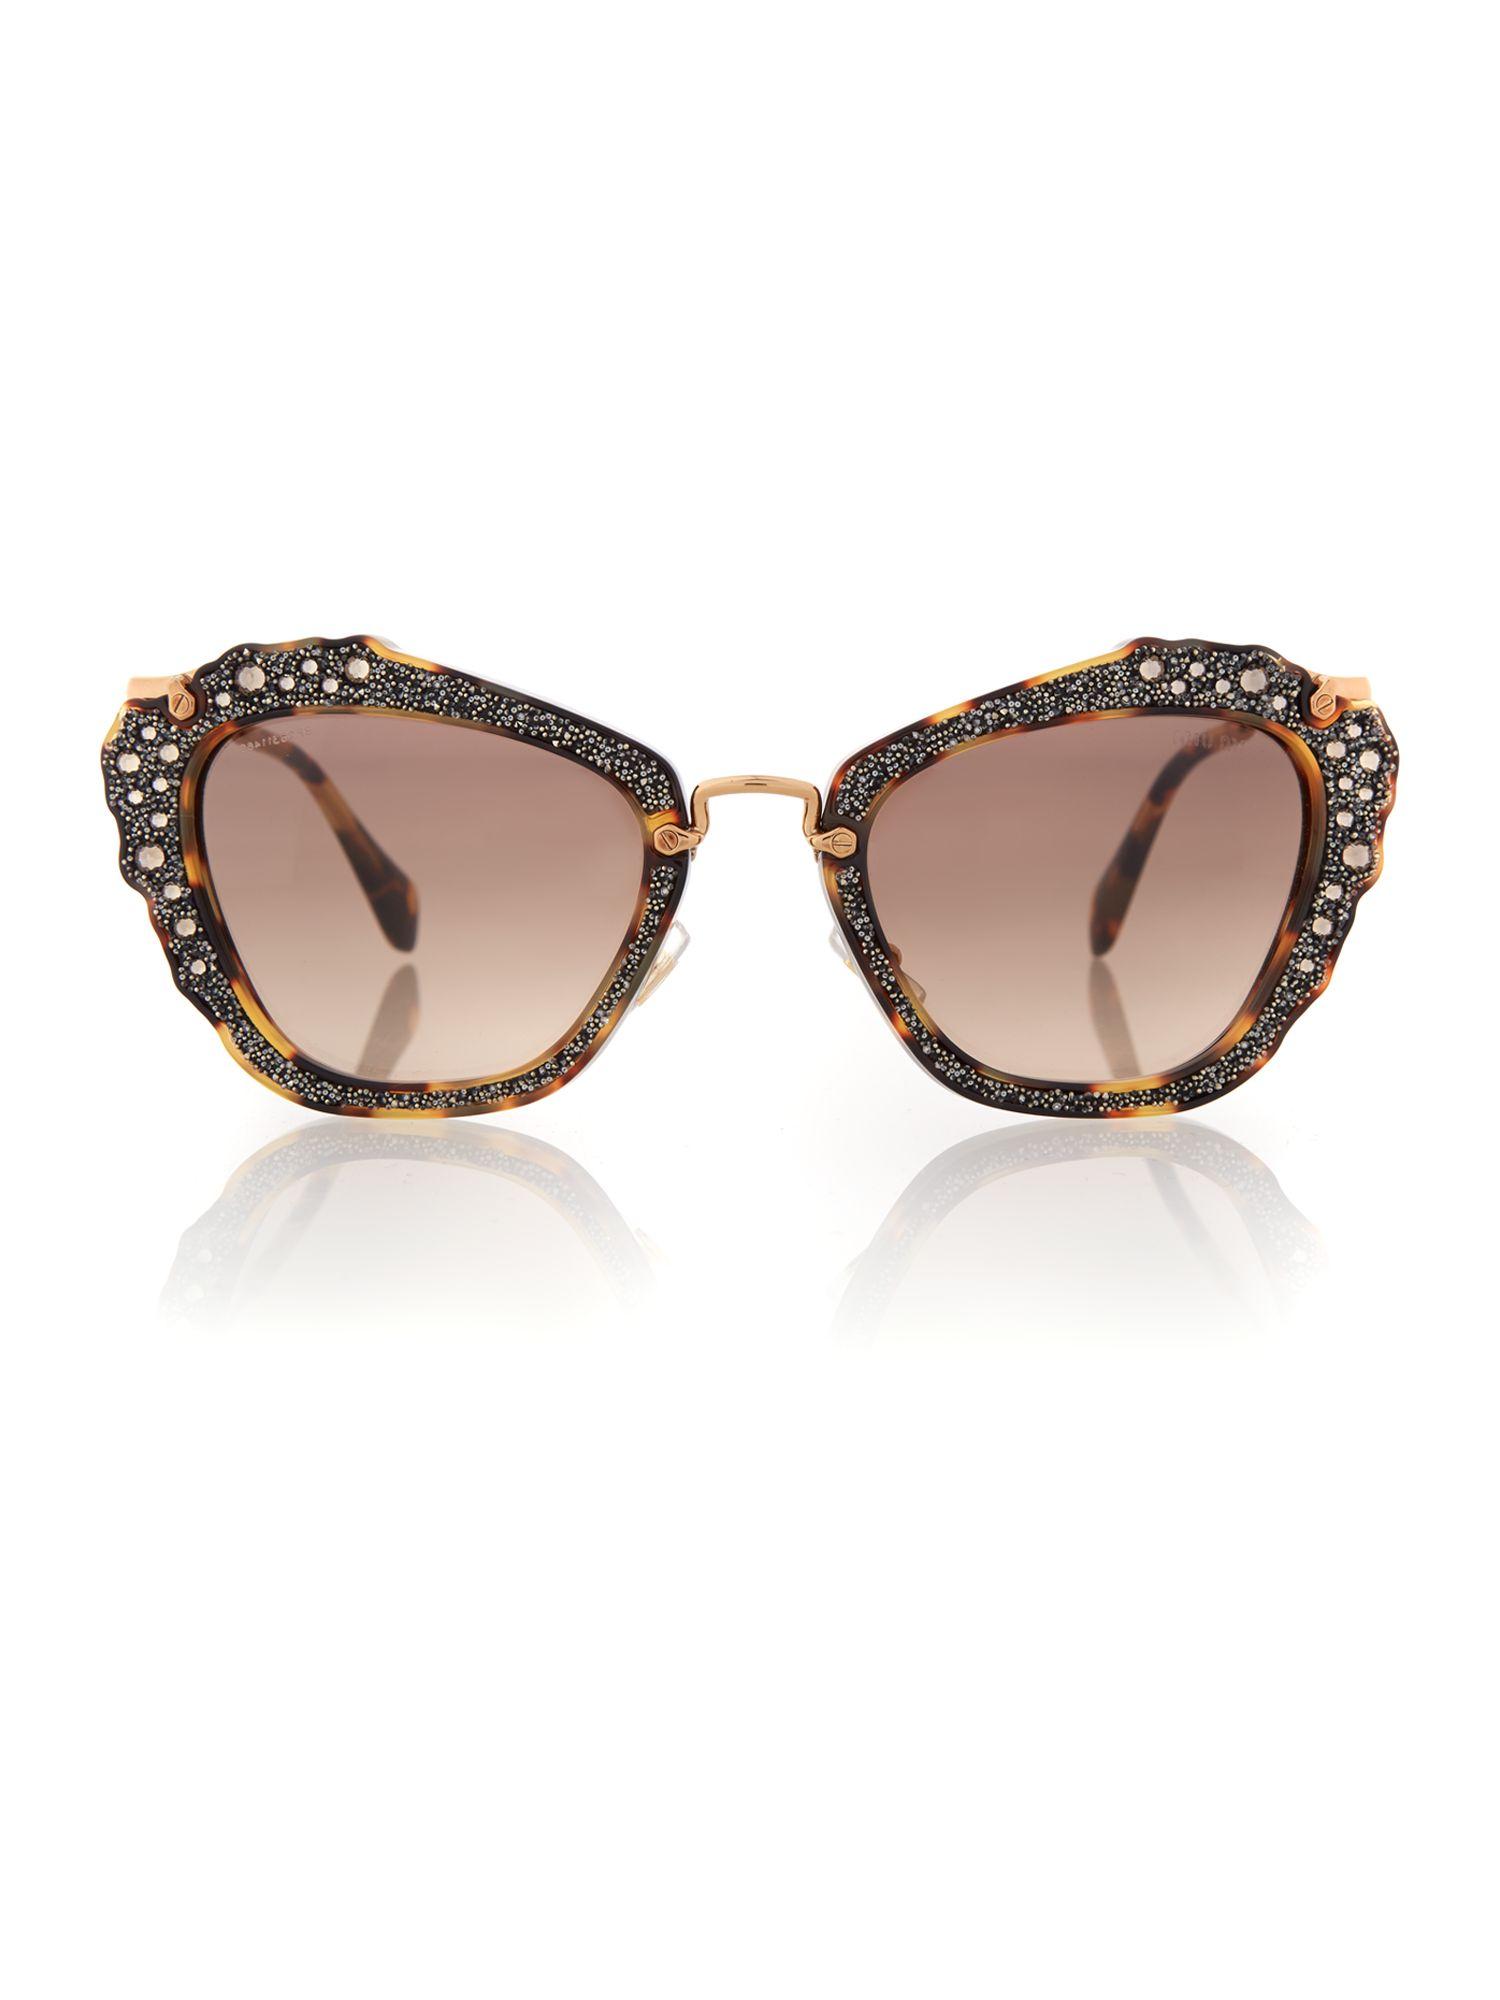 Miu Miu 0mu 04qs Cat Eye Sunglasses in Brown